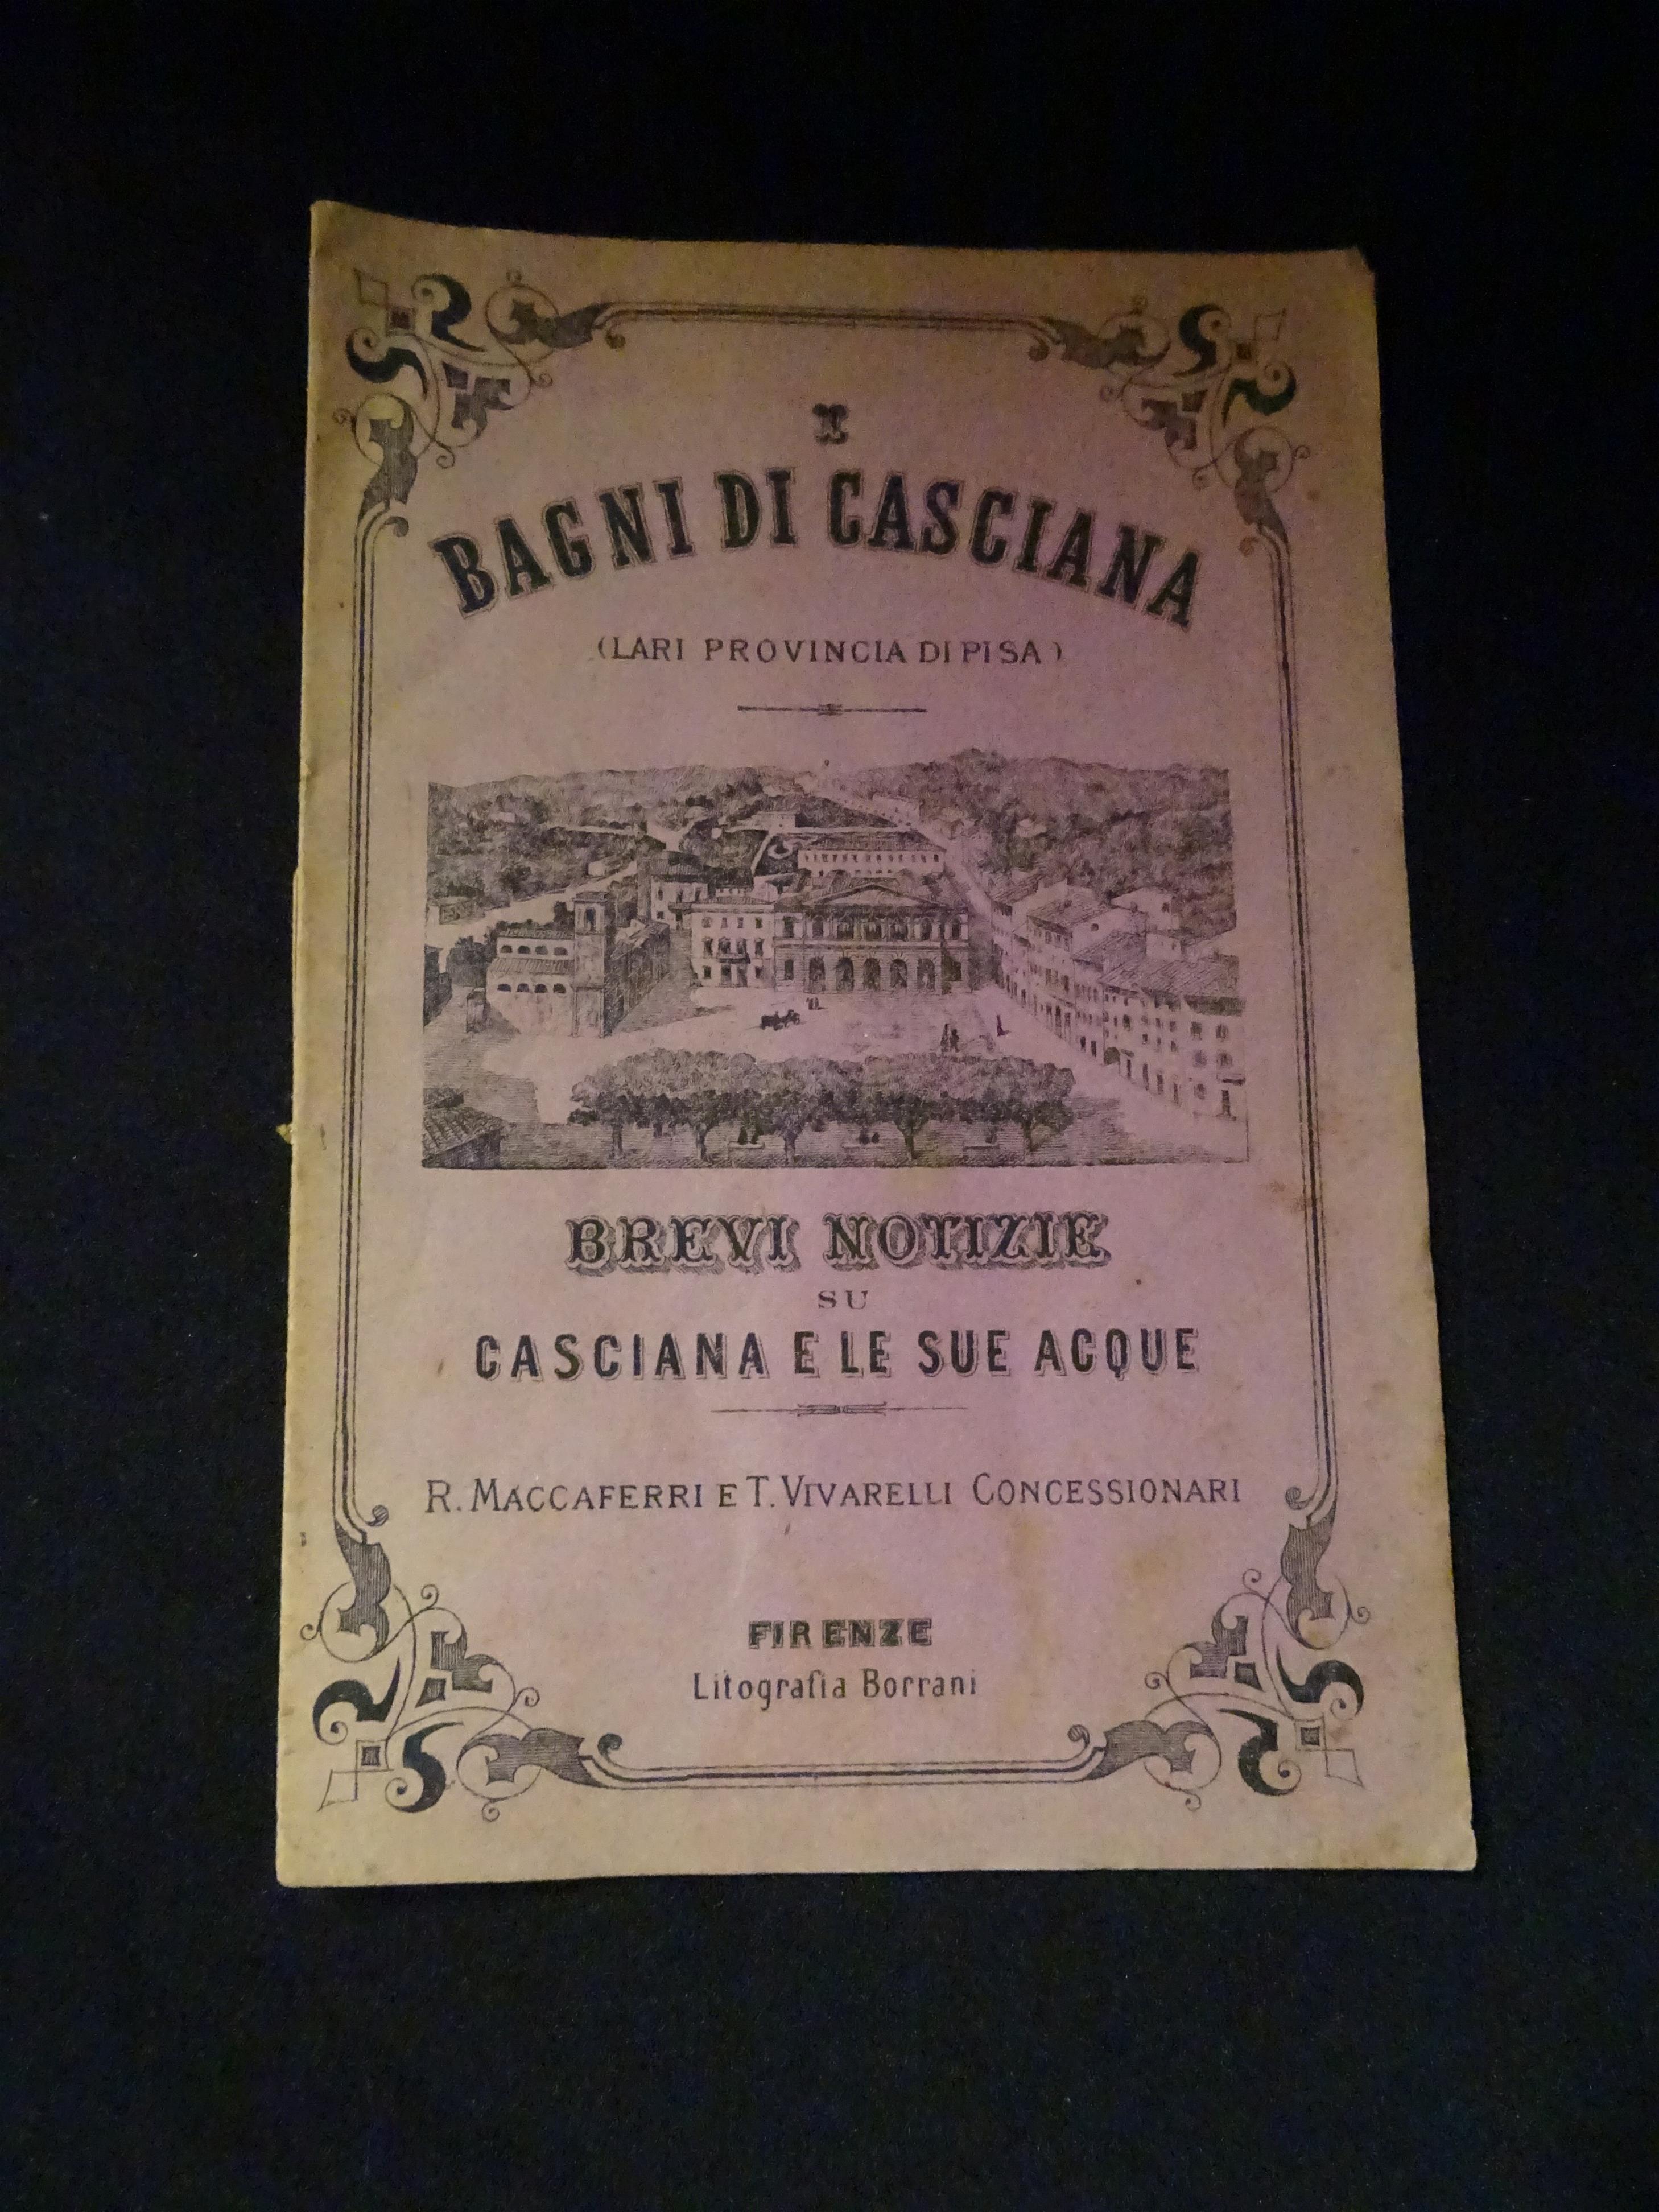 I bagni di Casciana ( Lari provincia di Pisa) Brevi notizie su ...